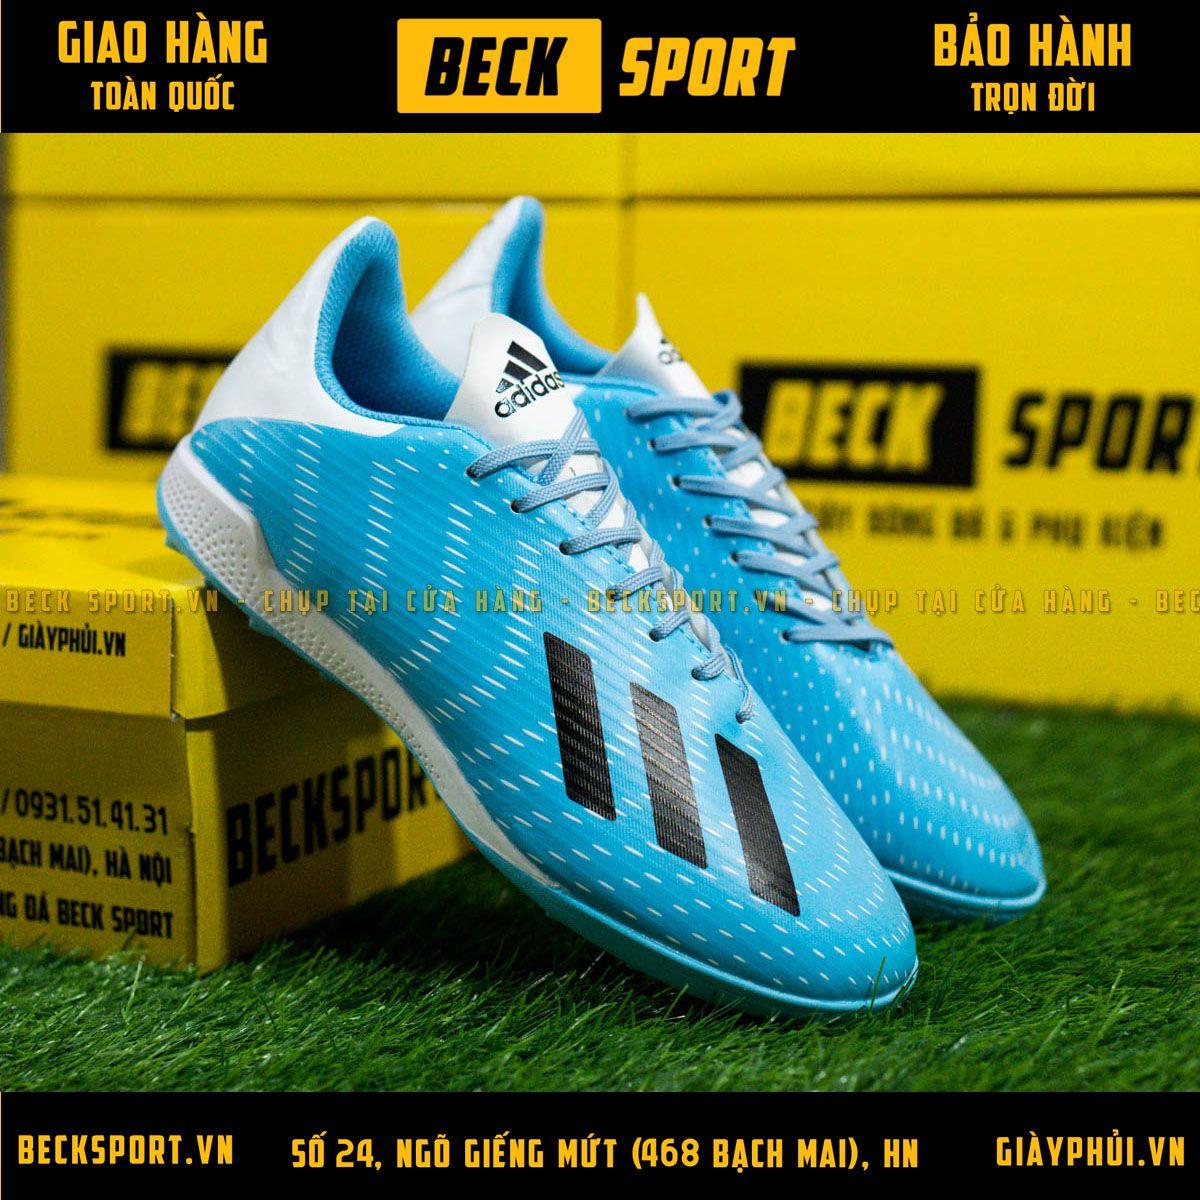 Giày Bóng Đá Adidas X 19.3 Xanh Biển Vạch Đen Gót Trắng V3 TF